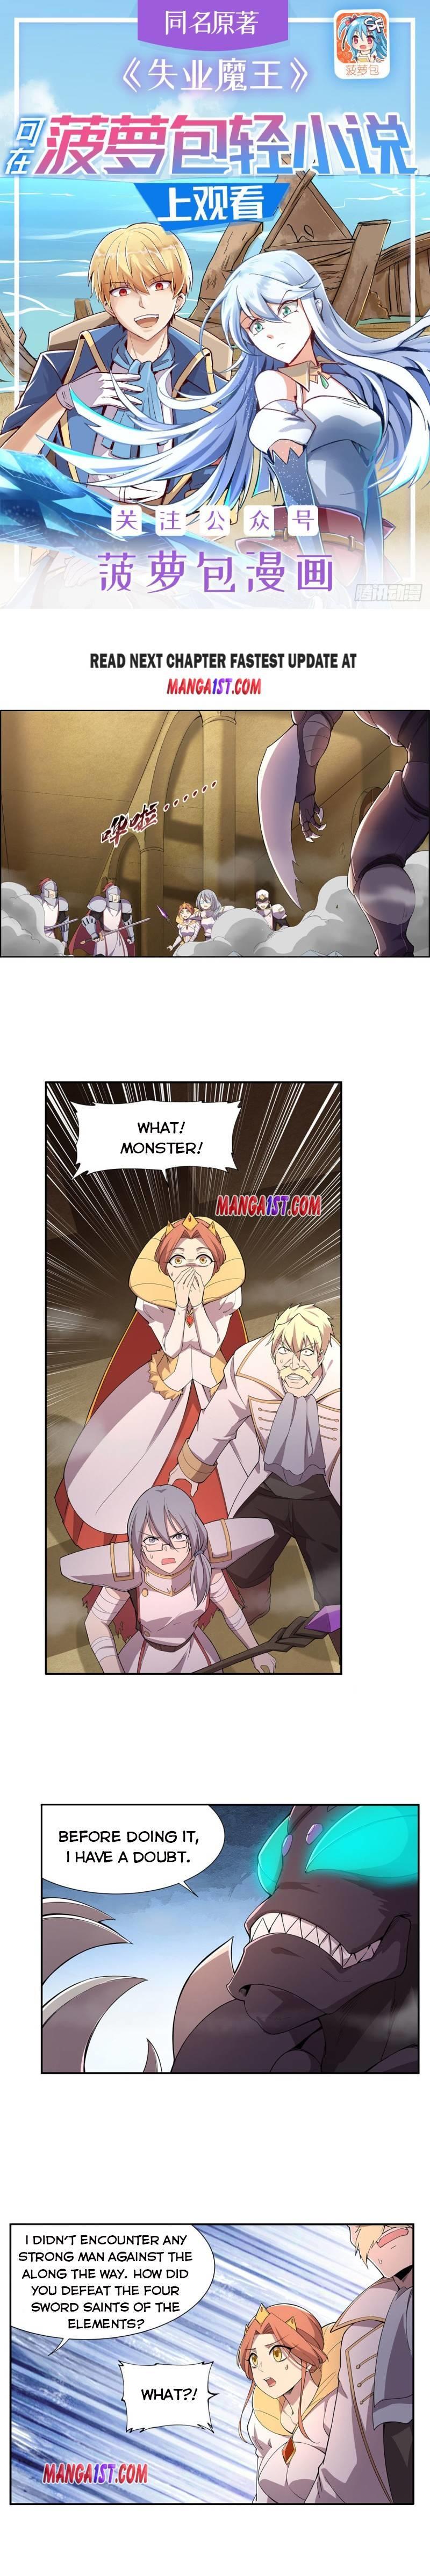 The Demon King Who Lost His Job Chapter 189 page 1 - Mangakakalots.com